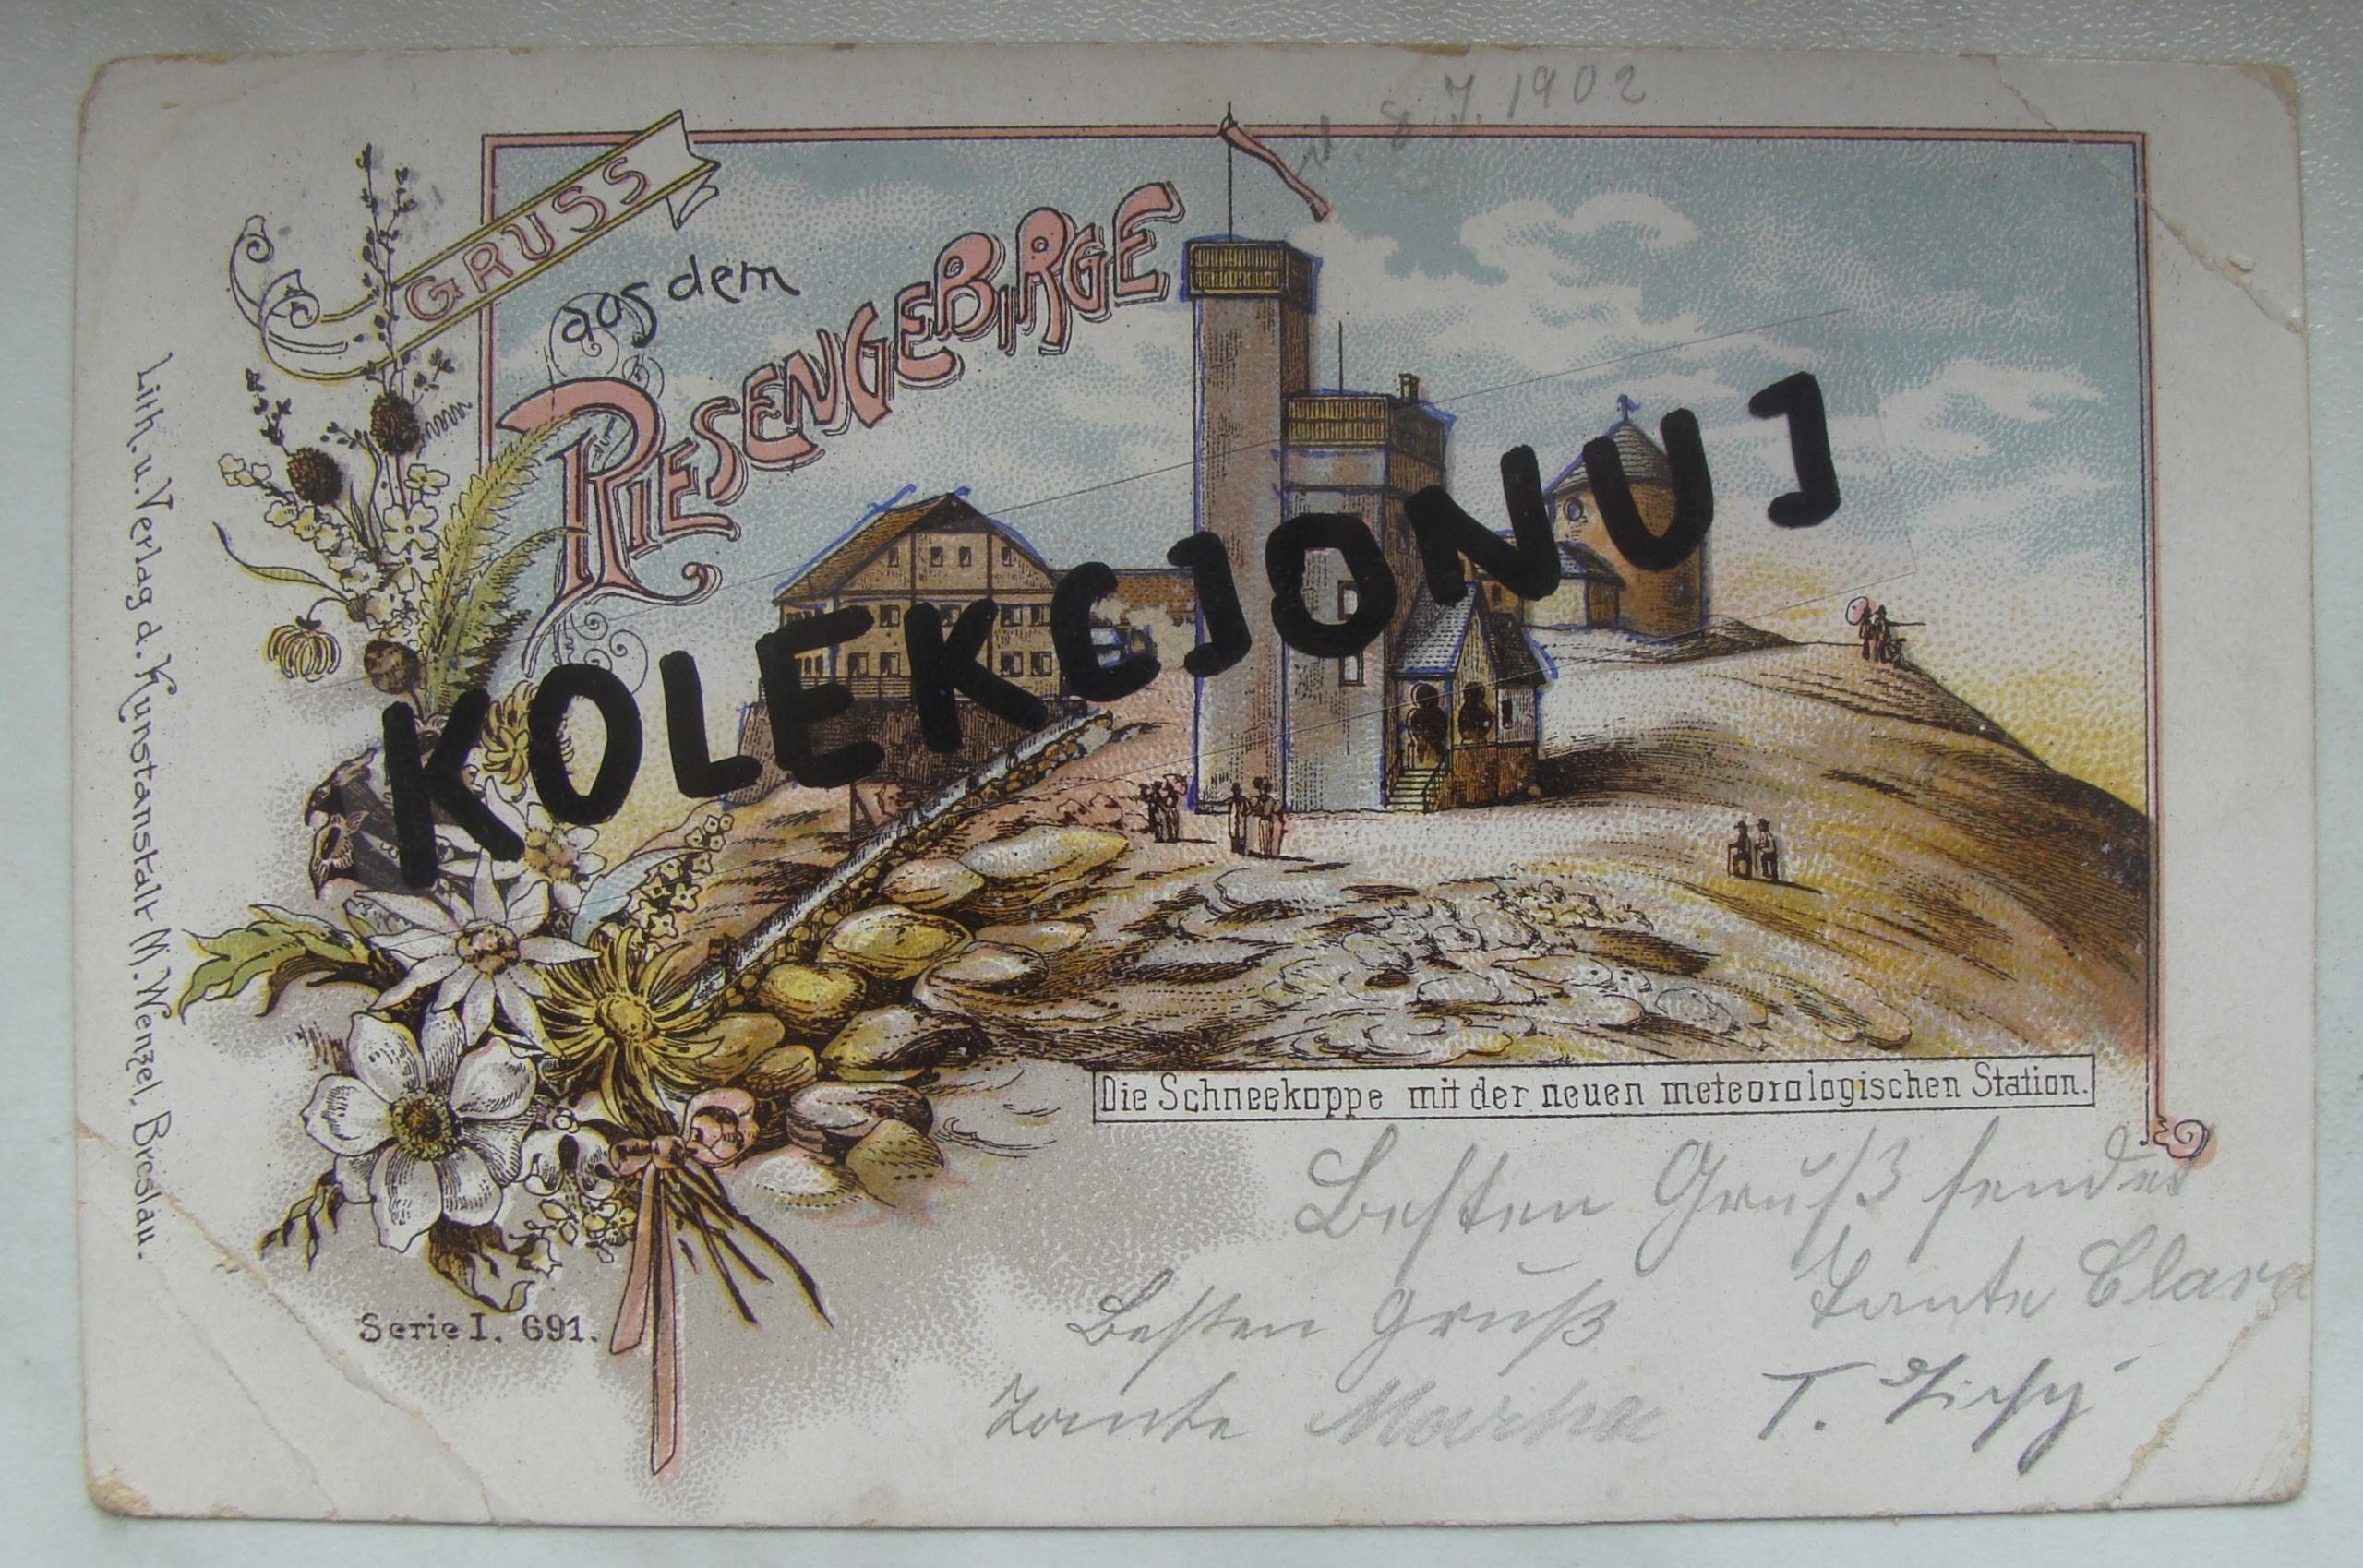 P88. Riesengebirge - Karkonosze - Śnieżka 1902